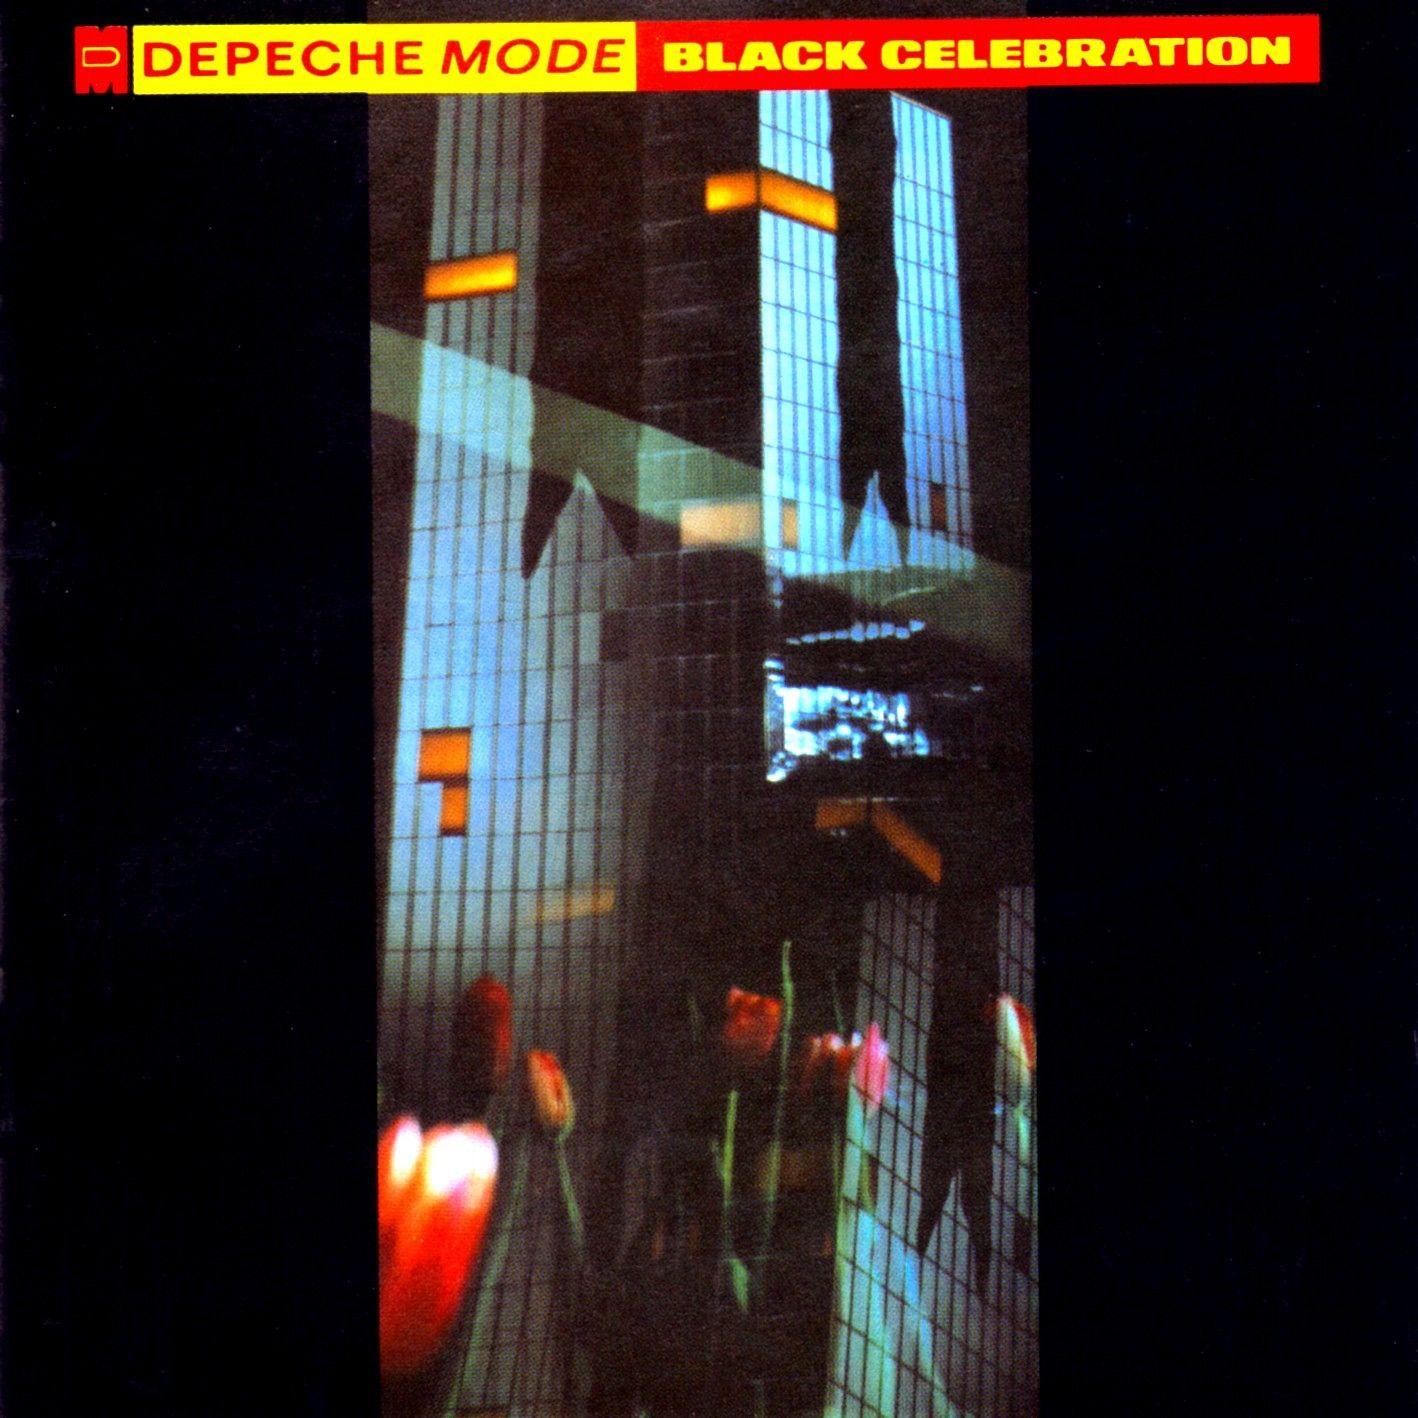 29. 'Dressed In Black'. Etwas versteckt als vorletztes Stück auf 'Black Celebration', spiegelt dieser von Dave Gahan gesunge